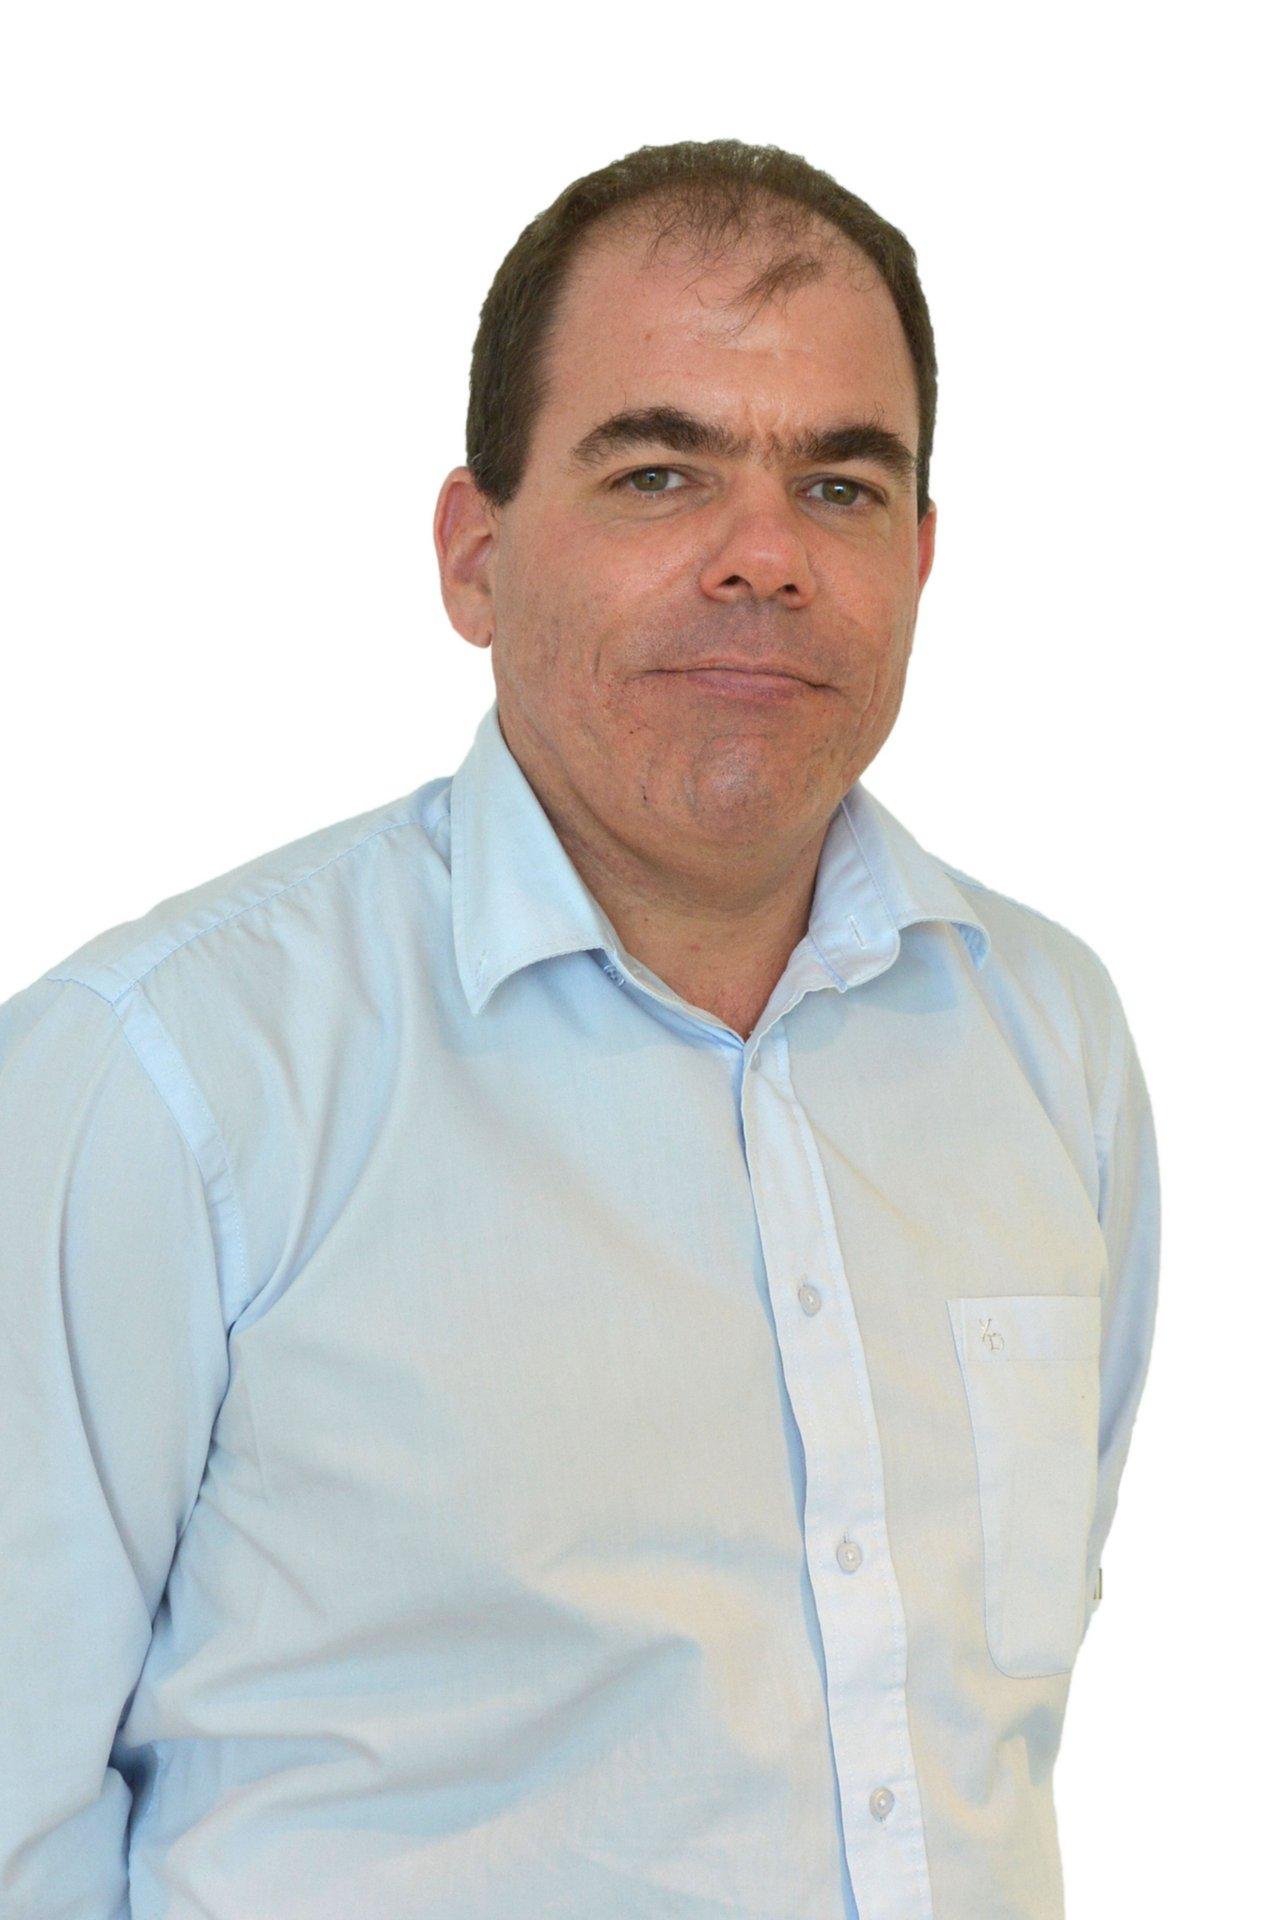 Guillaume Richet